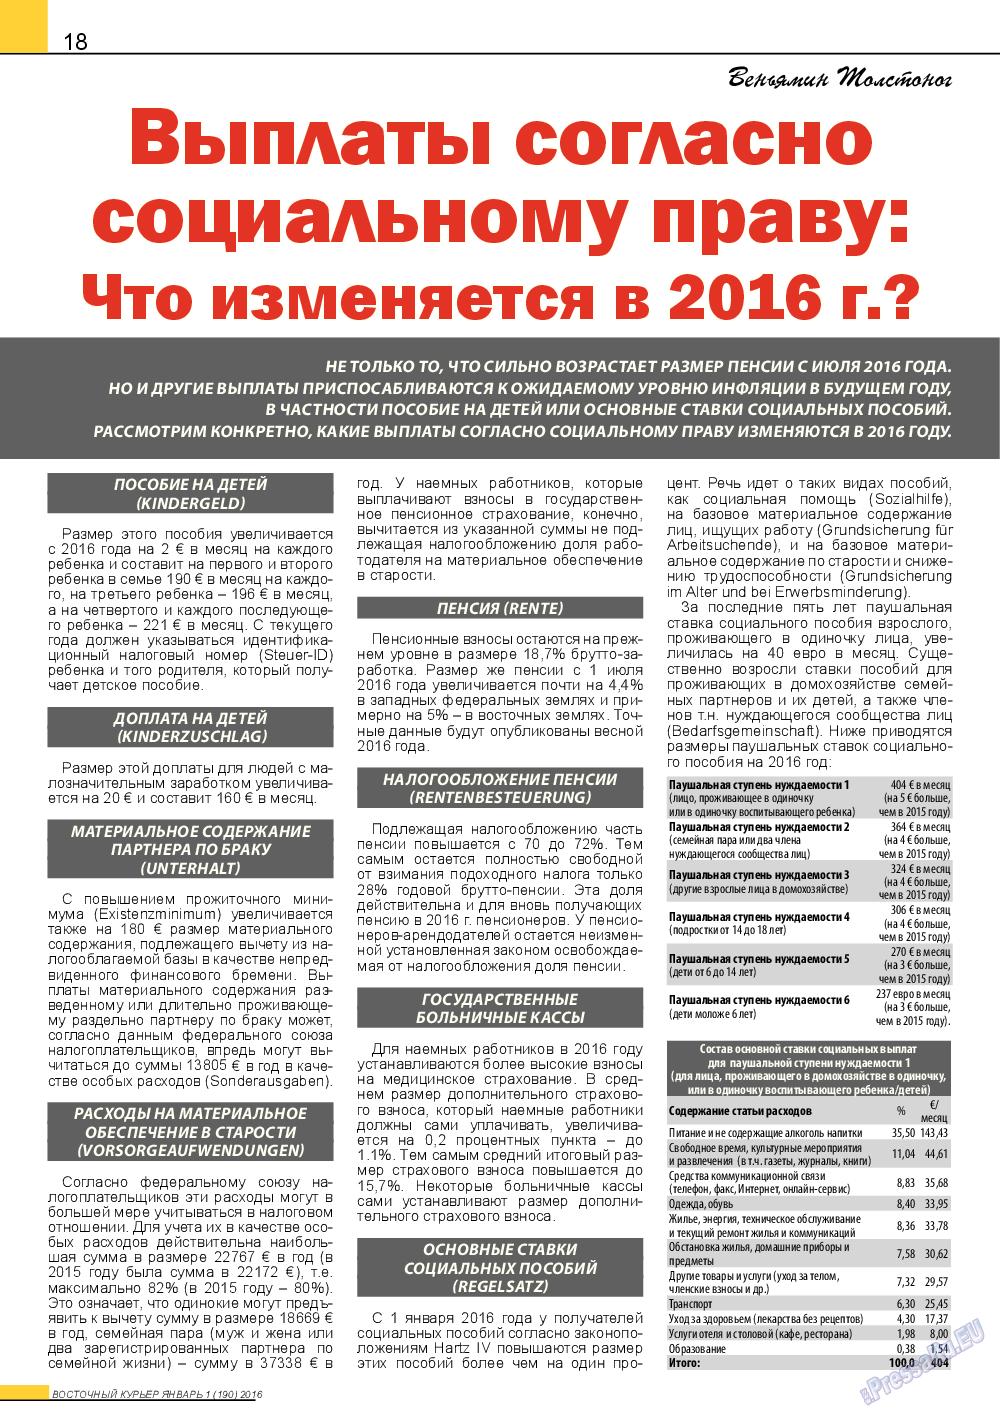 Восточный курьер (журнал). 2016 год, номер 1, стр. 18